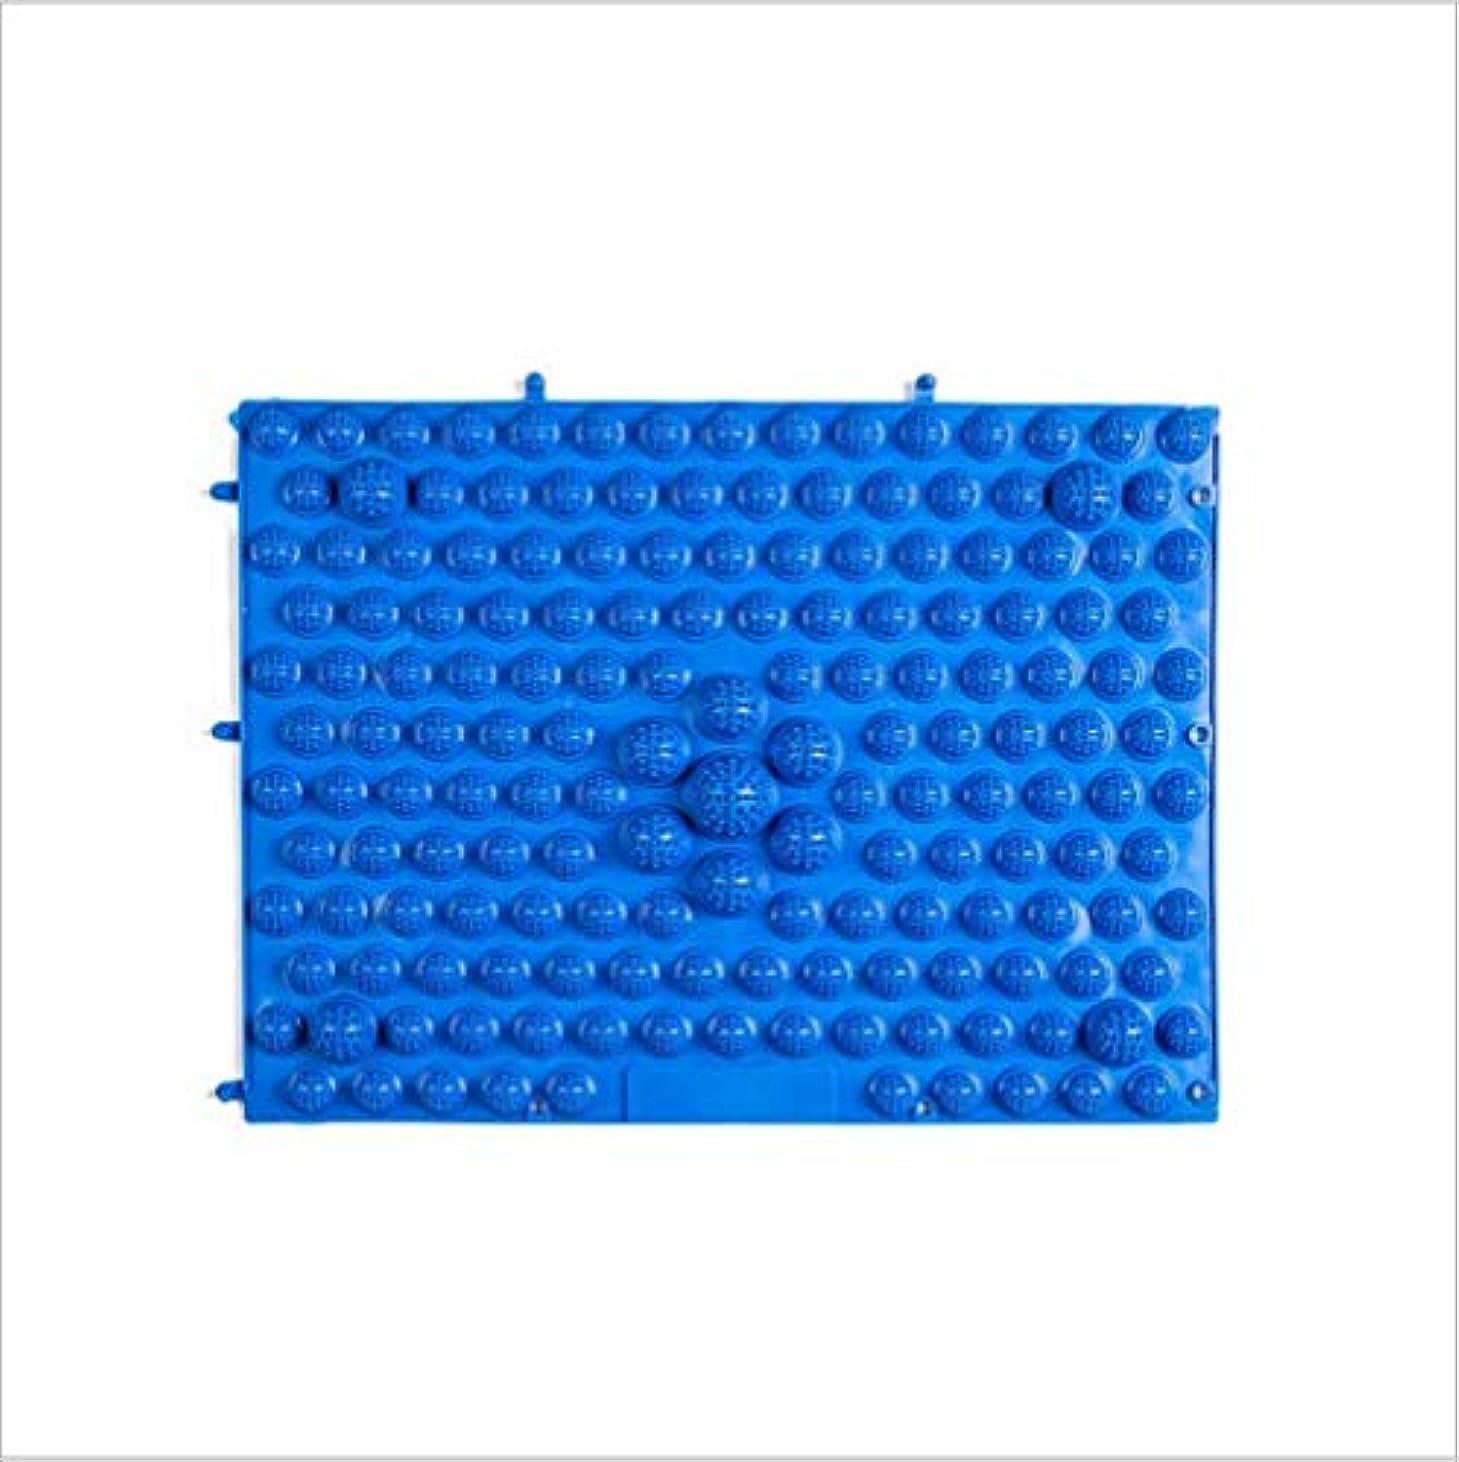 続編負牧草地ウォークマット 裏板セット(ABS樹脂製補強板付き)(ブルー)